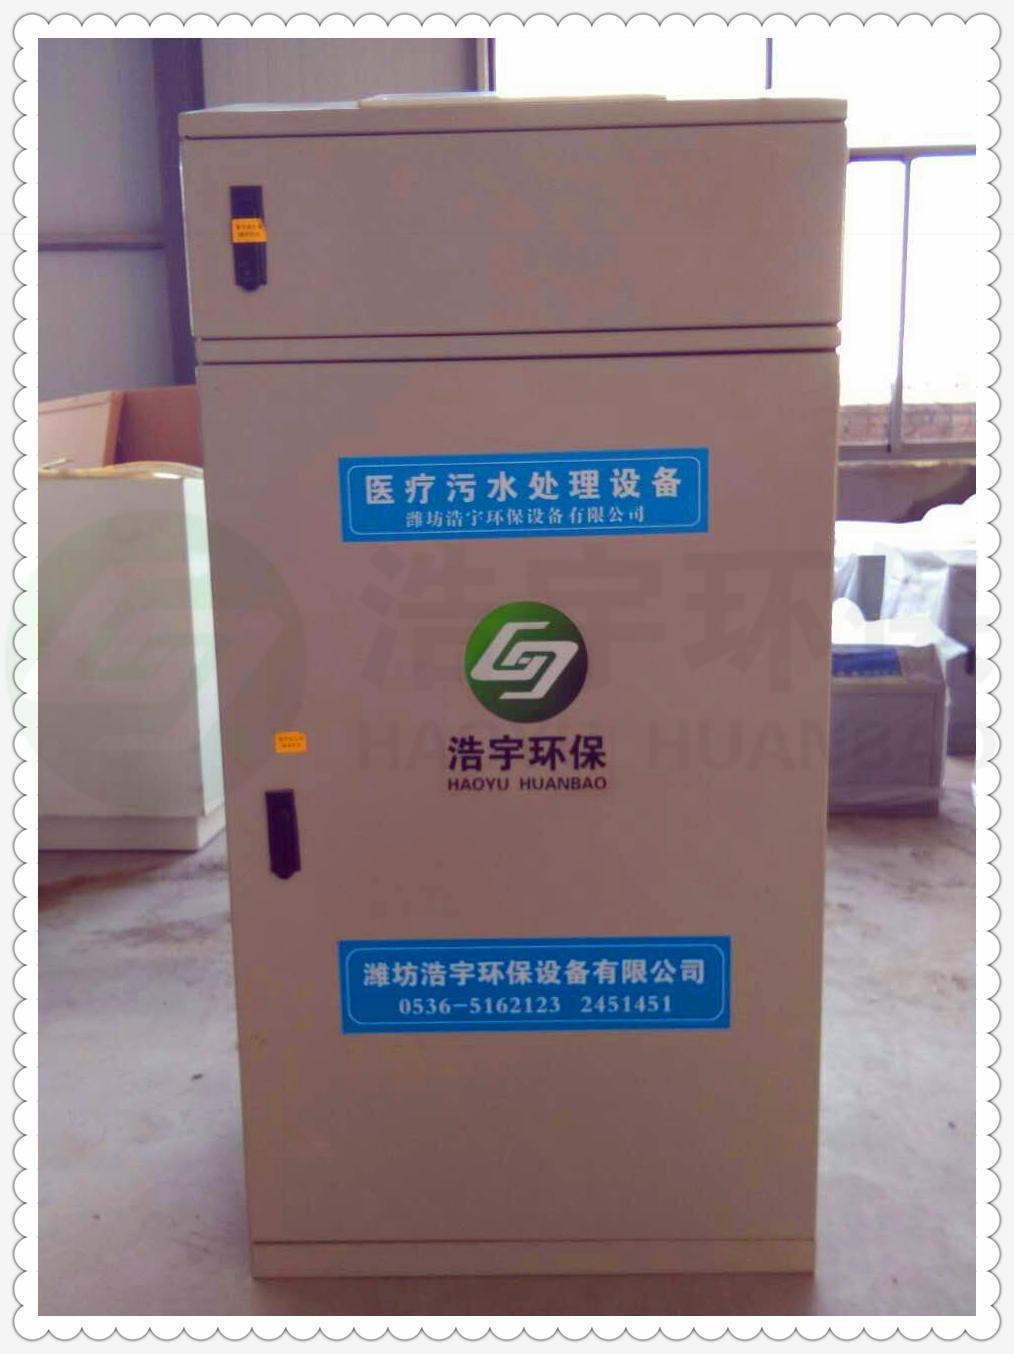 社区卫生服务中心化验室污水处理设备 <br> 全新  价格:18000 <br> <img src=http://k.kqzp.cn/img/up/img/5d7226404dcb0.jpg width=150 >